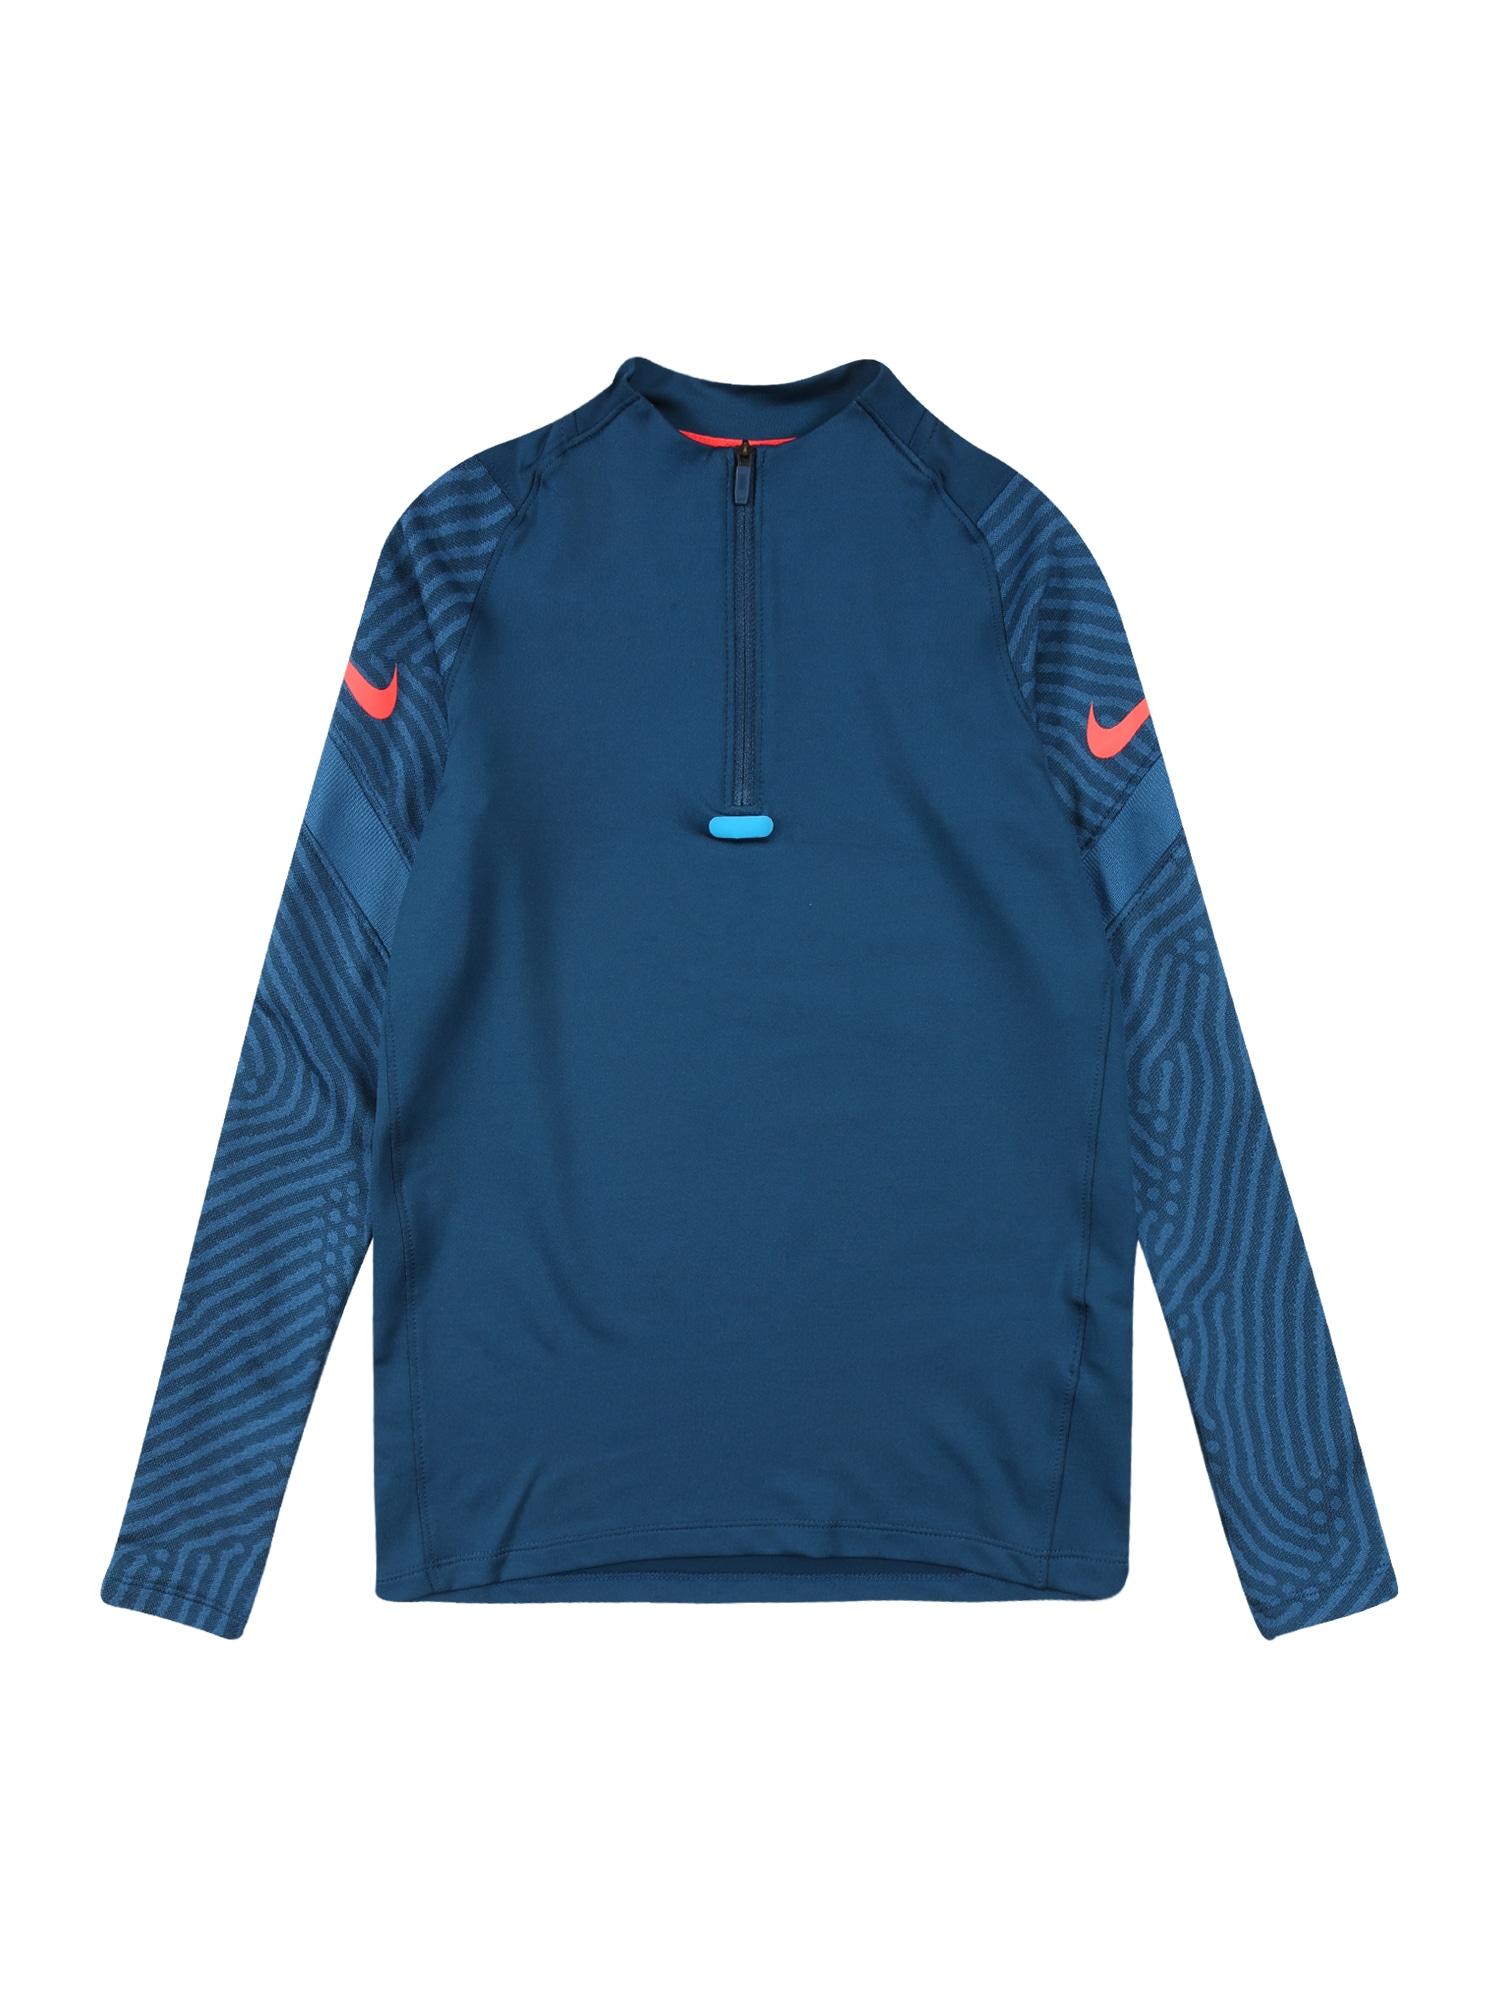 NIKE Sportinio tipo megztinis 'Strike' pastelinė mėlyna / lašišų spalva